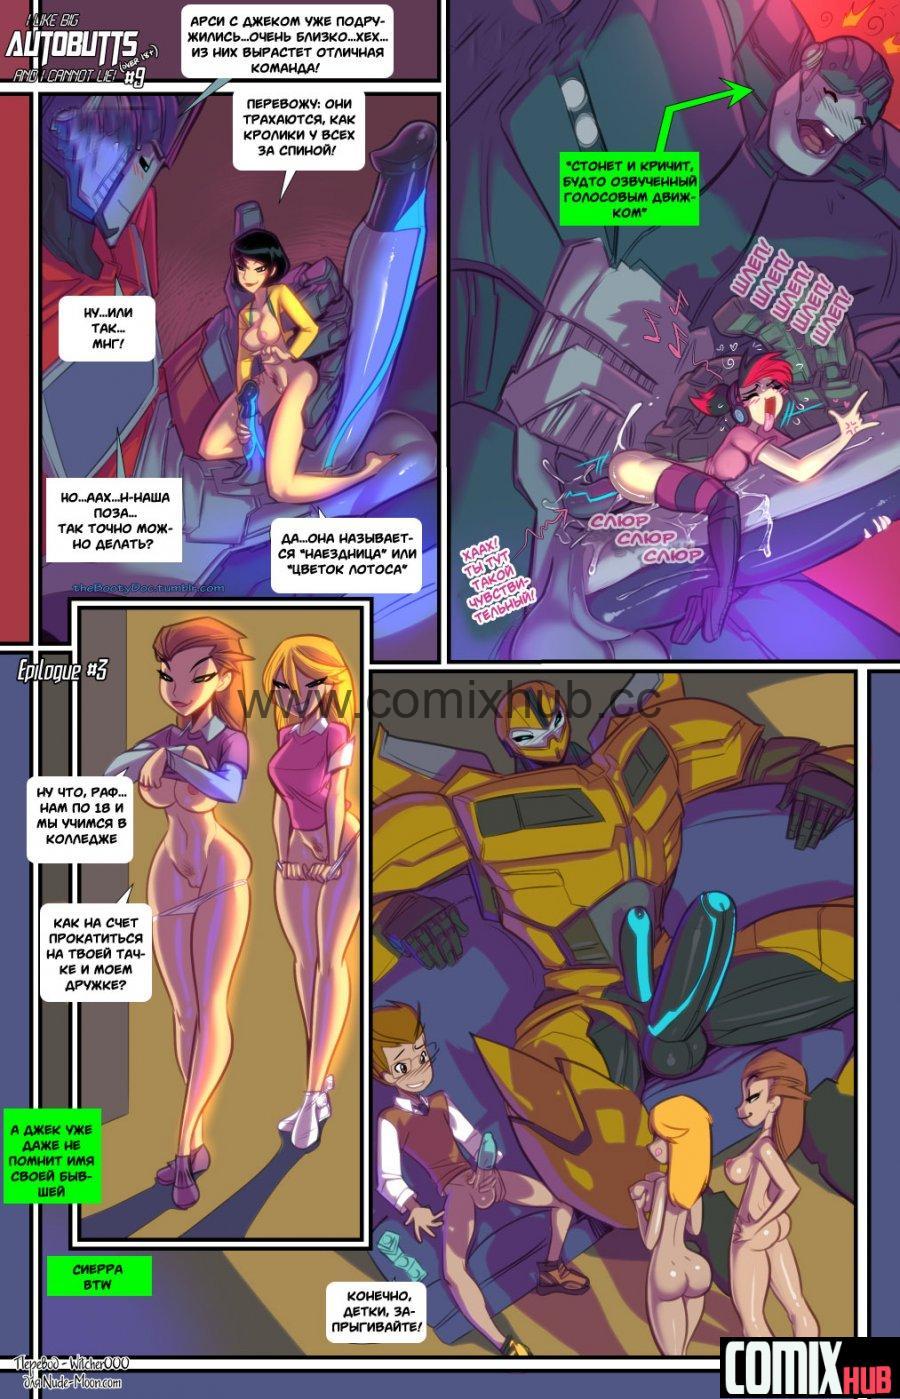 Порно комикс Я обожаю роботов Порно комиксы, Анал, Большая грудь, Большая попа, Большие члены, Минет, Монстры